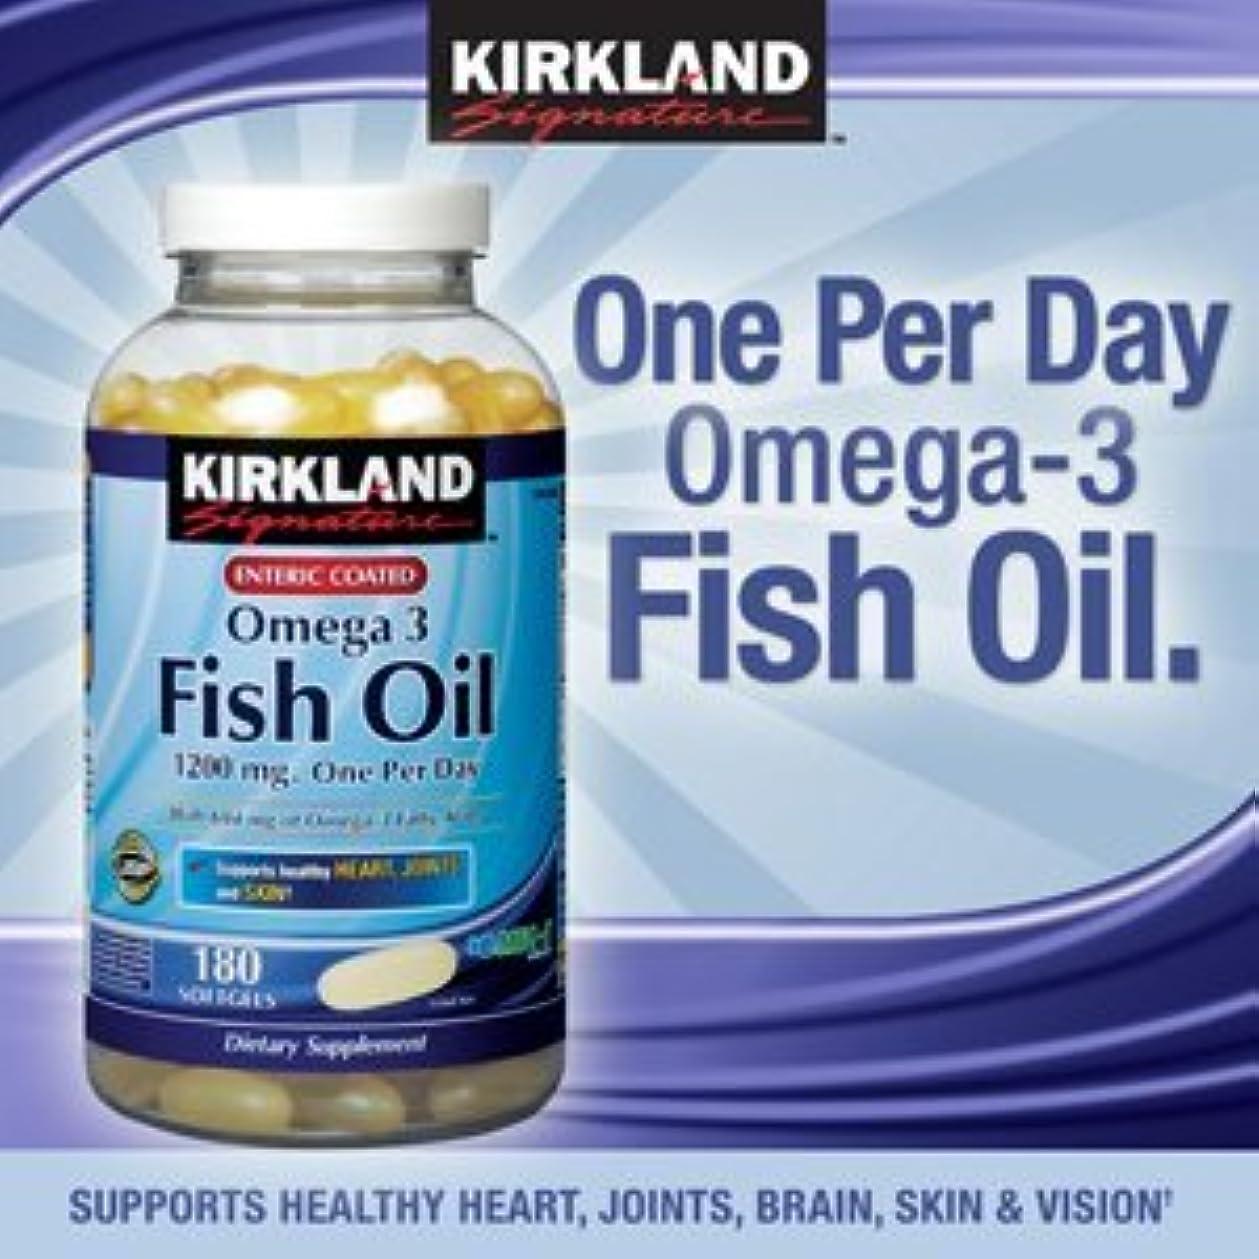 スポット少し毎日カークランド フィッシュオイル オメガ3 コンセントレイト 1200 mg 180ソフトカプセル 海外直送品